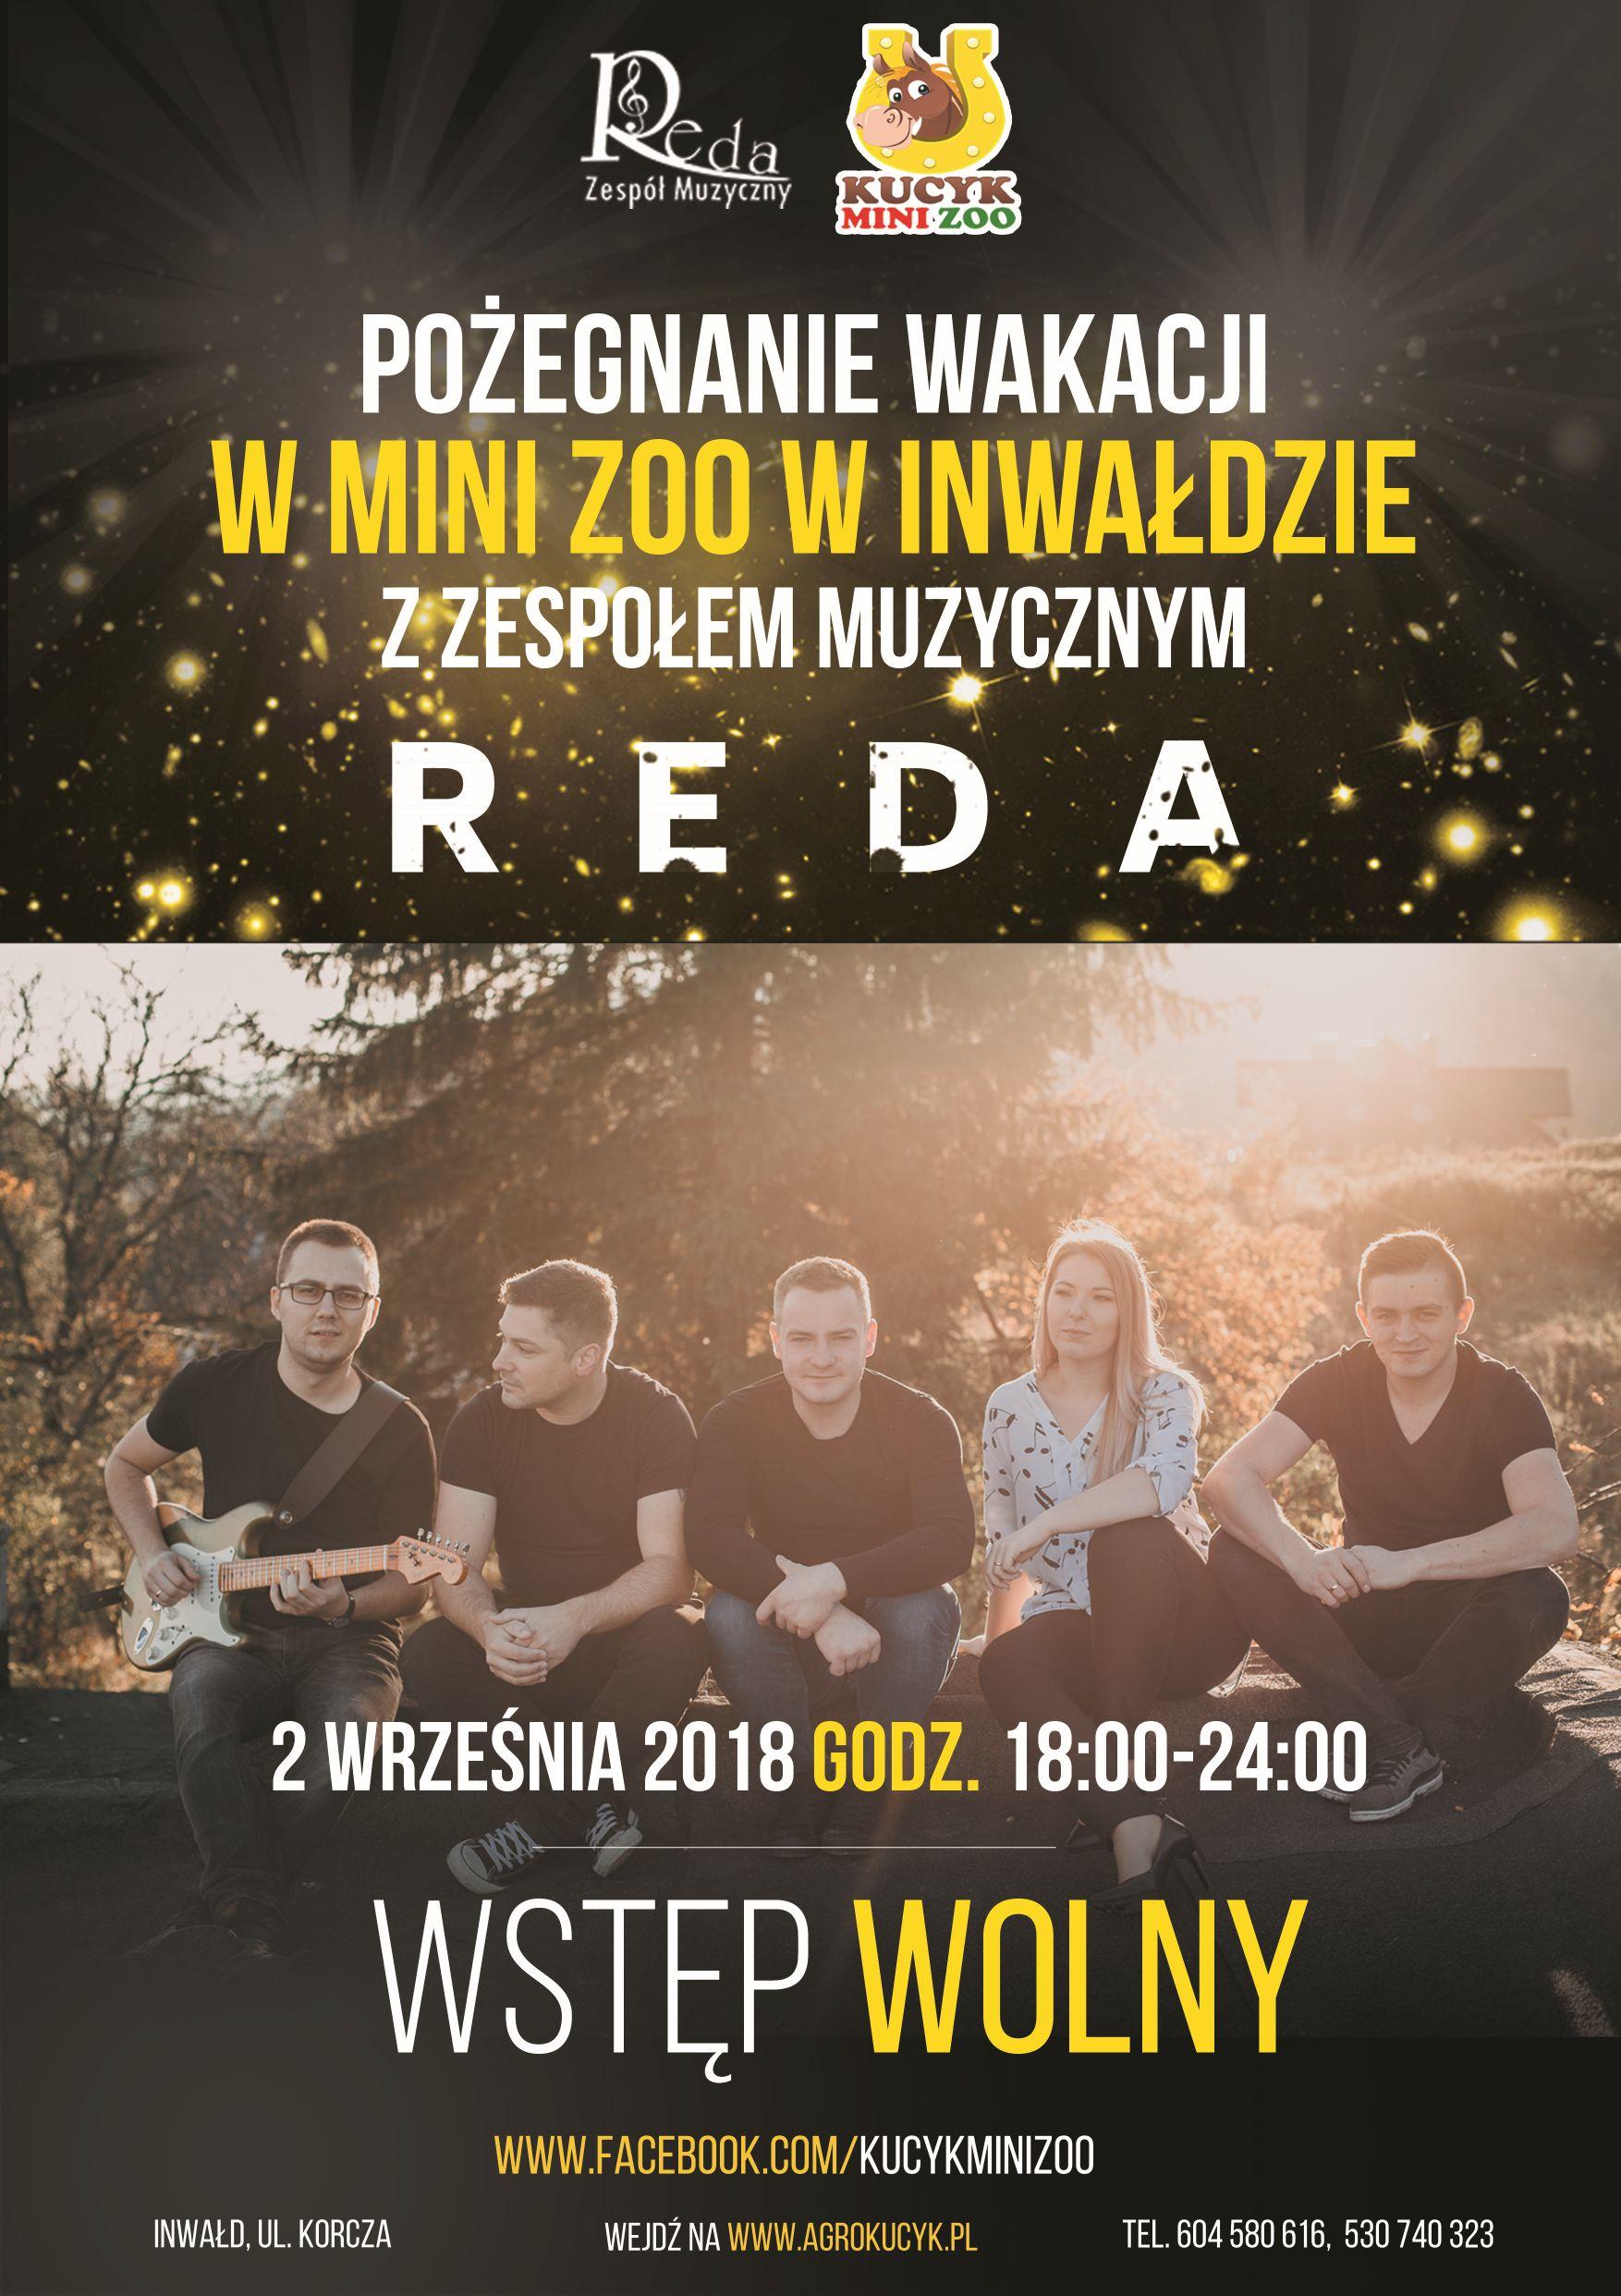 Pożegnanie wakacji z zespołem REDA w Mini Zoo w Inwałdzie!